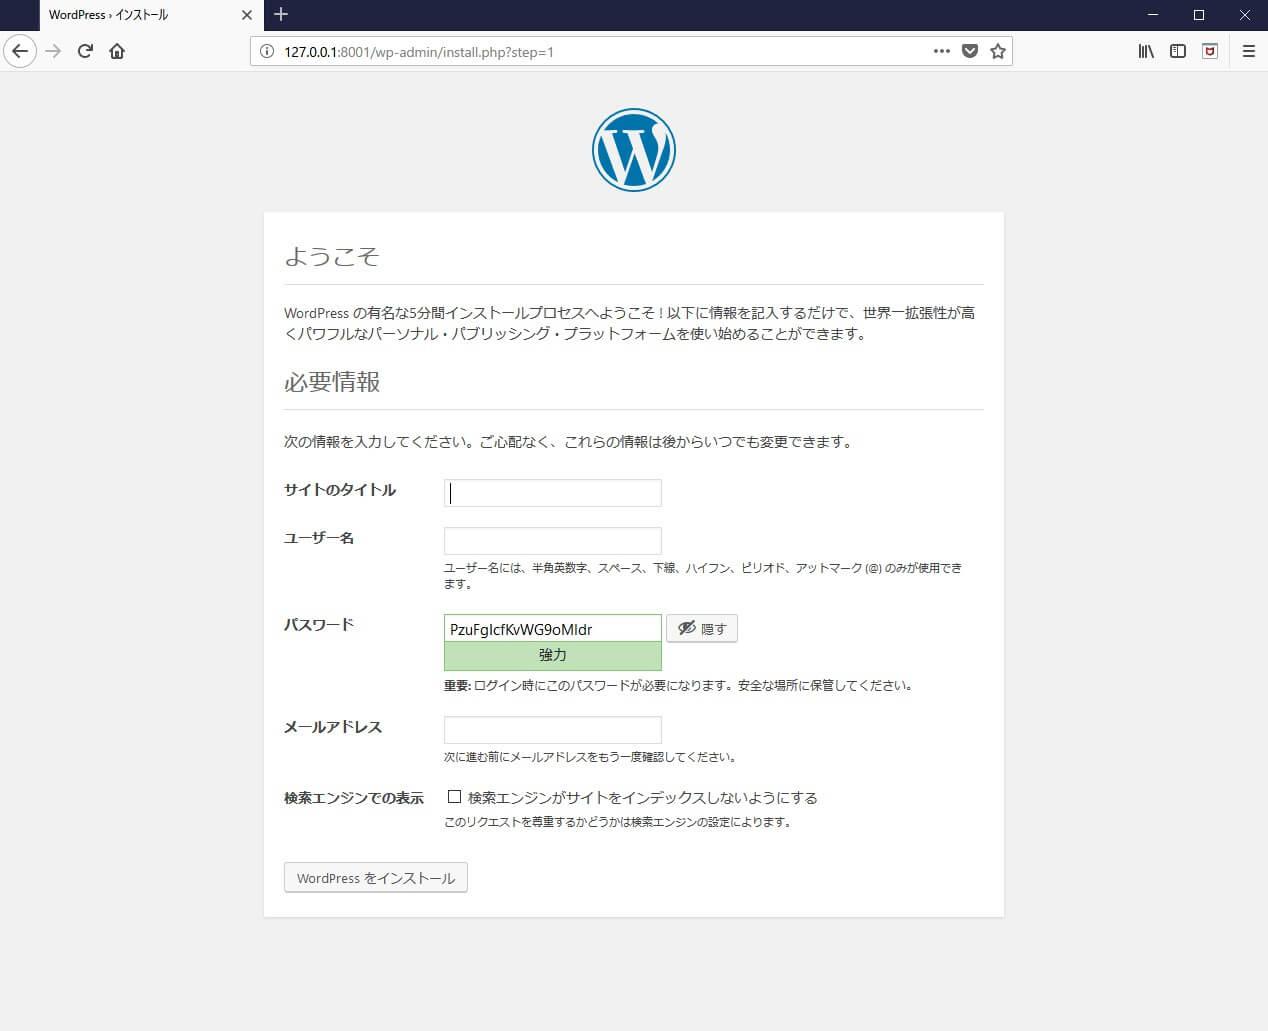 格安で爆速なSSL静的サイトをWordPressでサクッと構築する方法